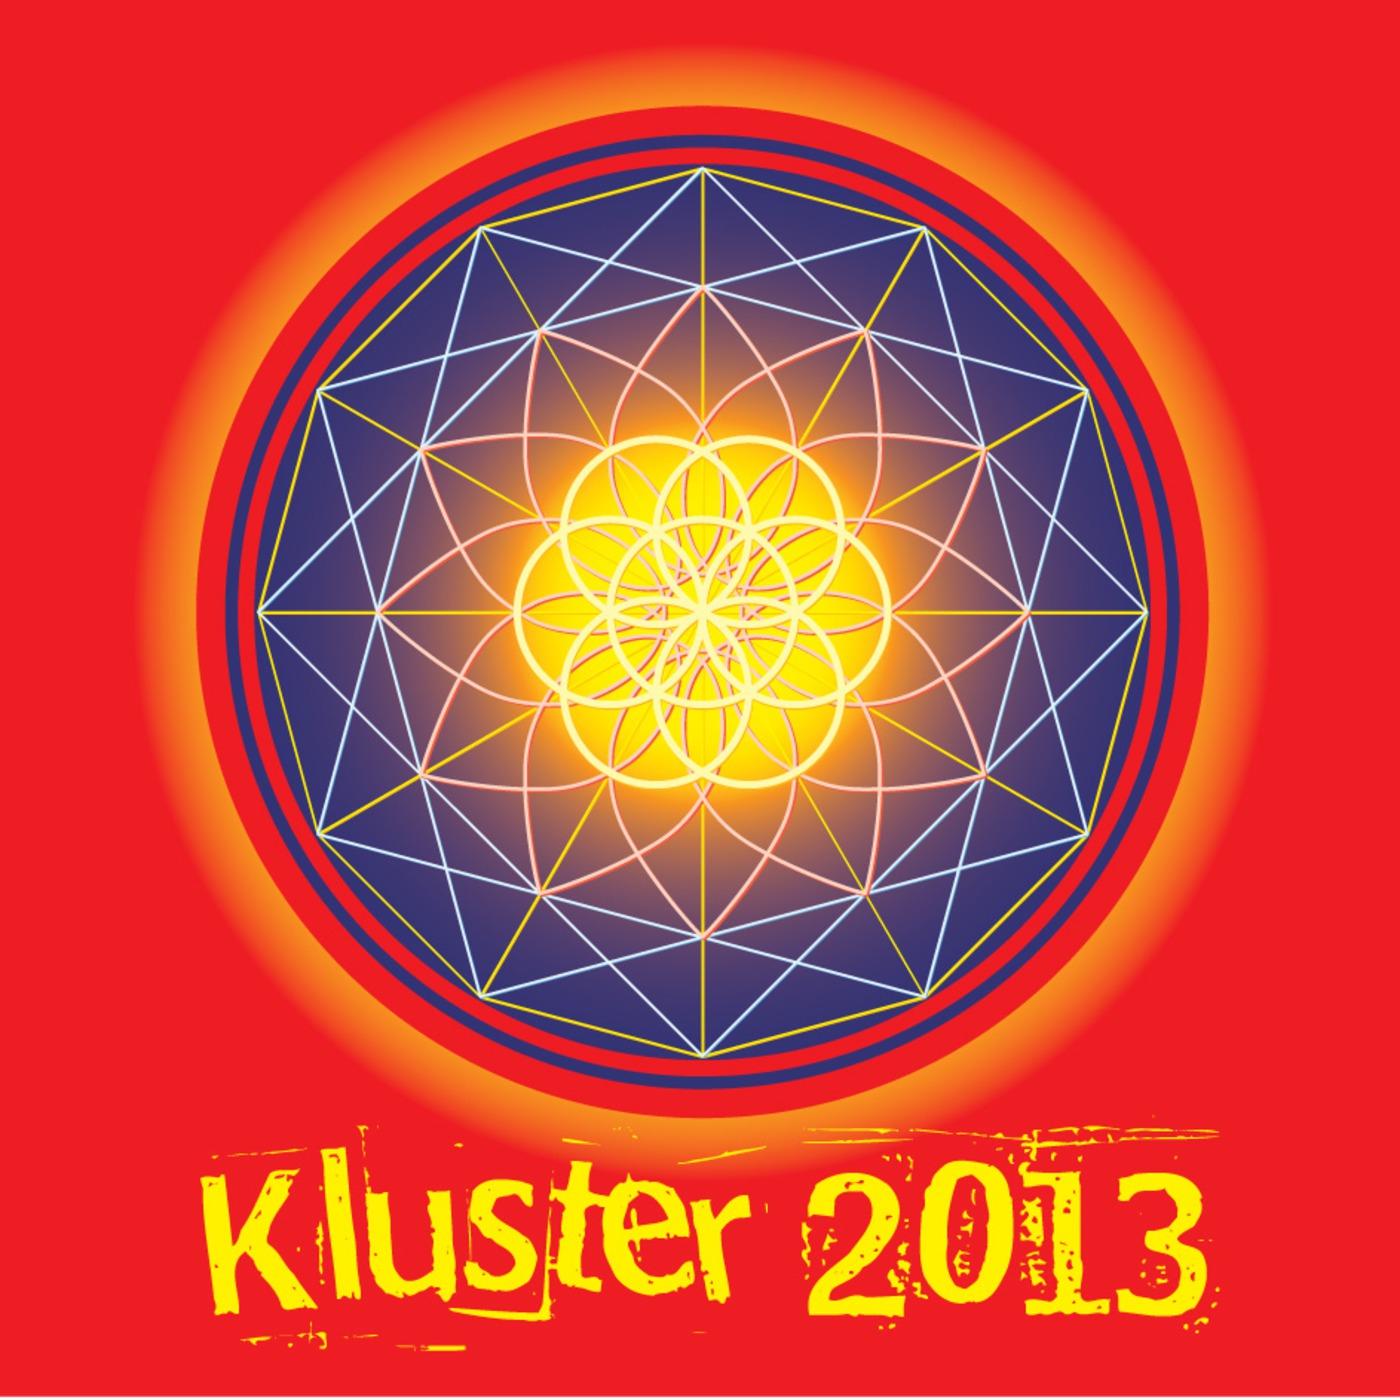 Kluster Dj Mixes Podcast